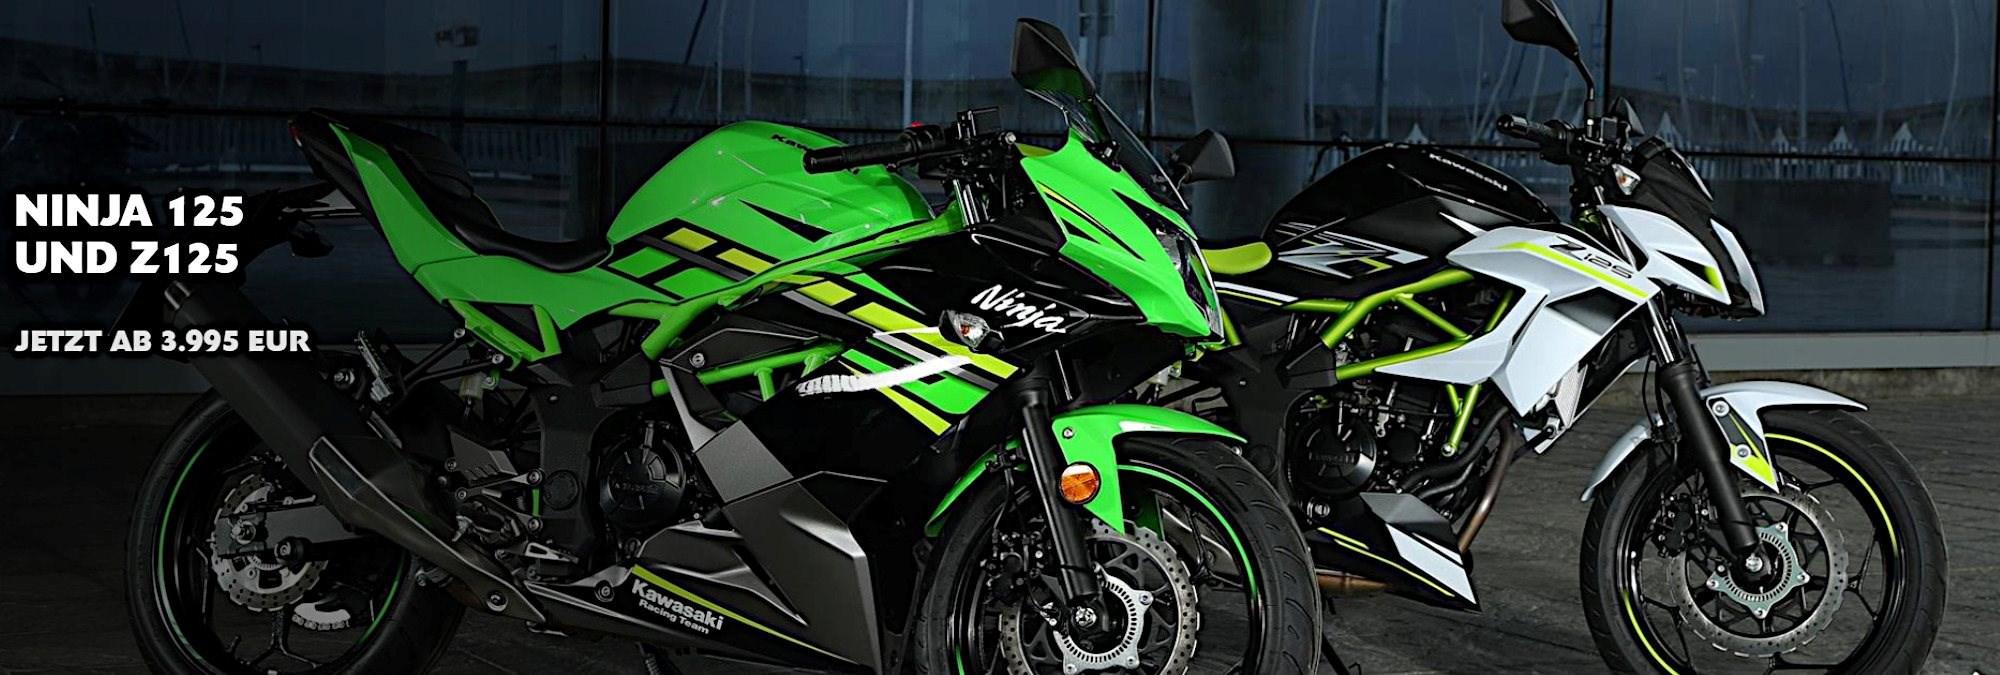 Ninja 125 und Z125